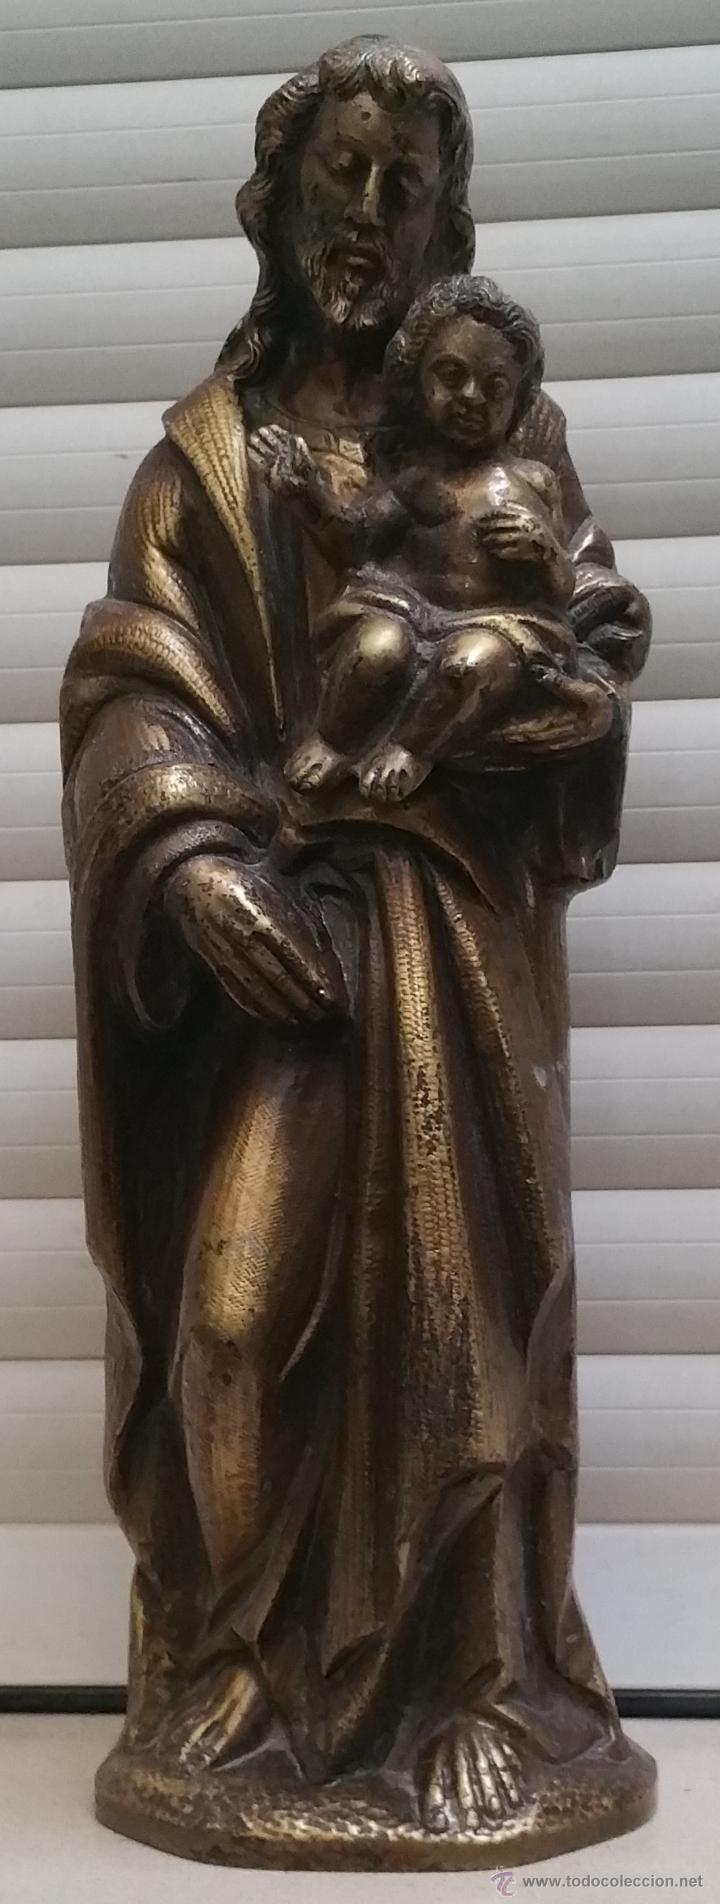 ANTIGUA Y ESPECTACULAR ESCULTURA DE BRONCE EN RELIEVE RELIGIOSA DE 36X13X7CM APROXIMADO. (Arte - Arte Religioso - Escultura)